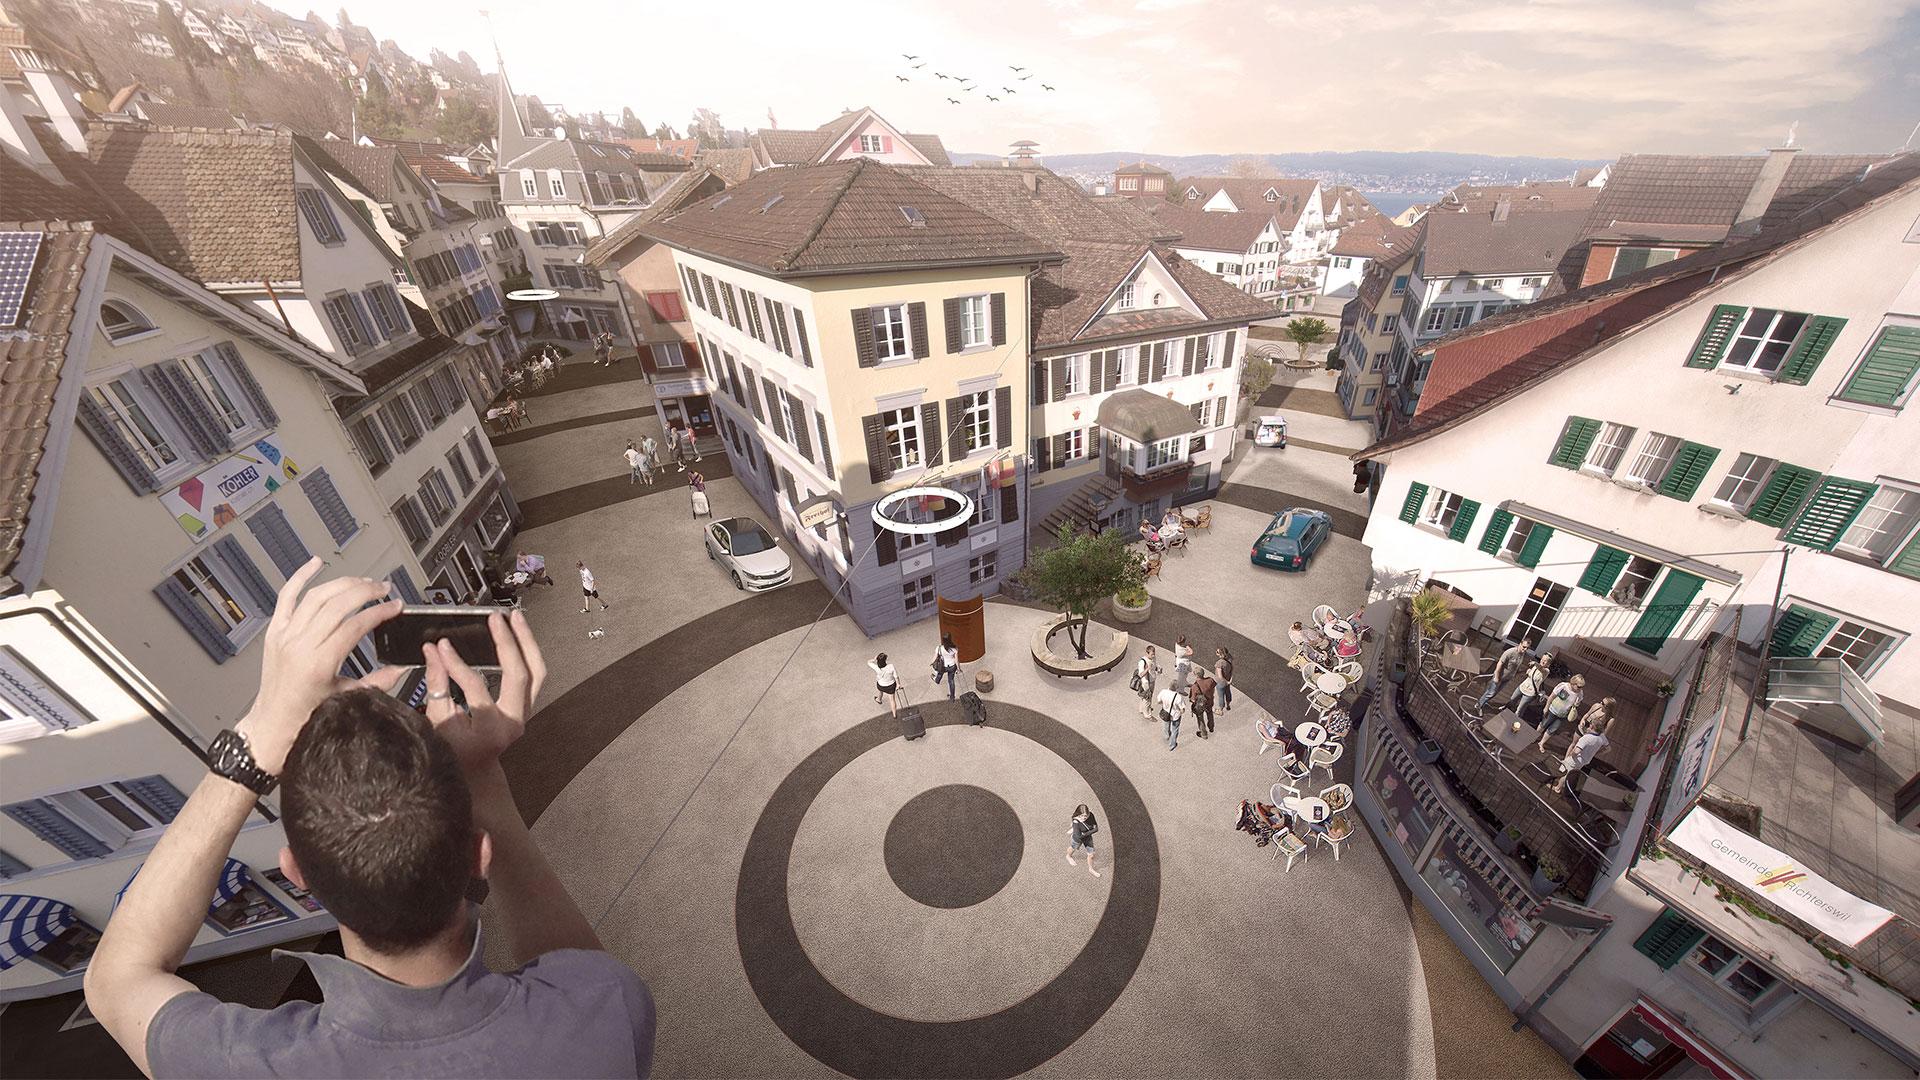 Dorfplatz, Richterswil